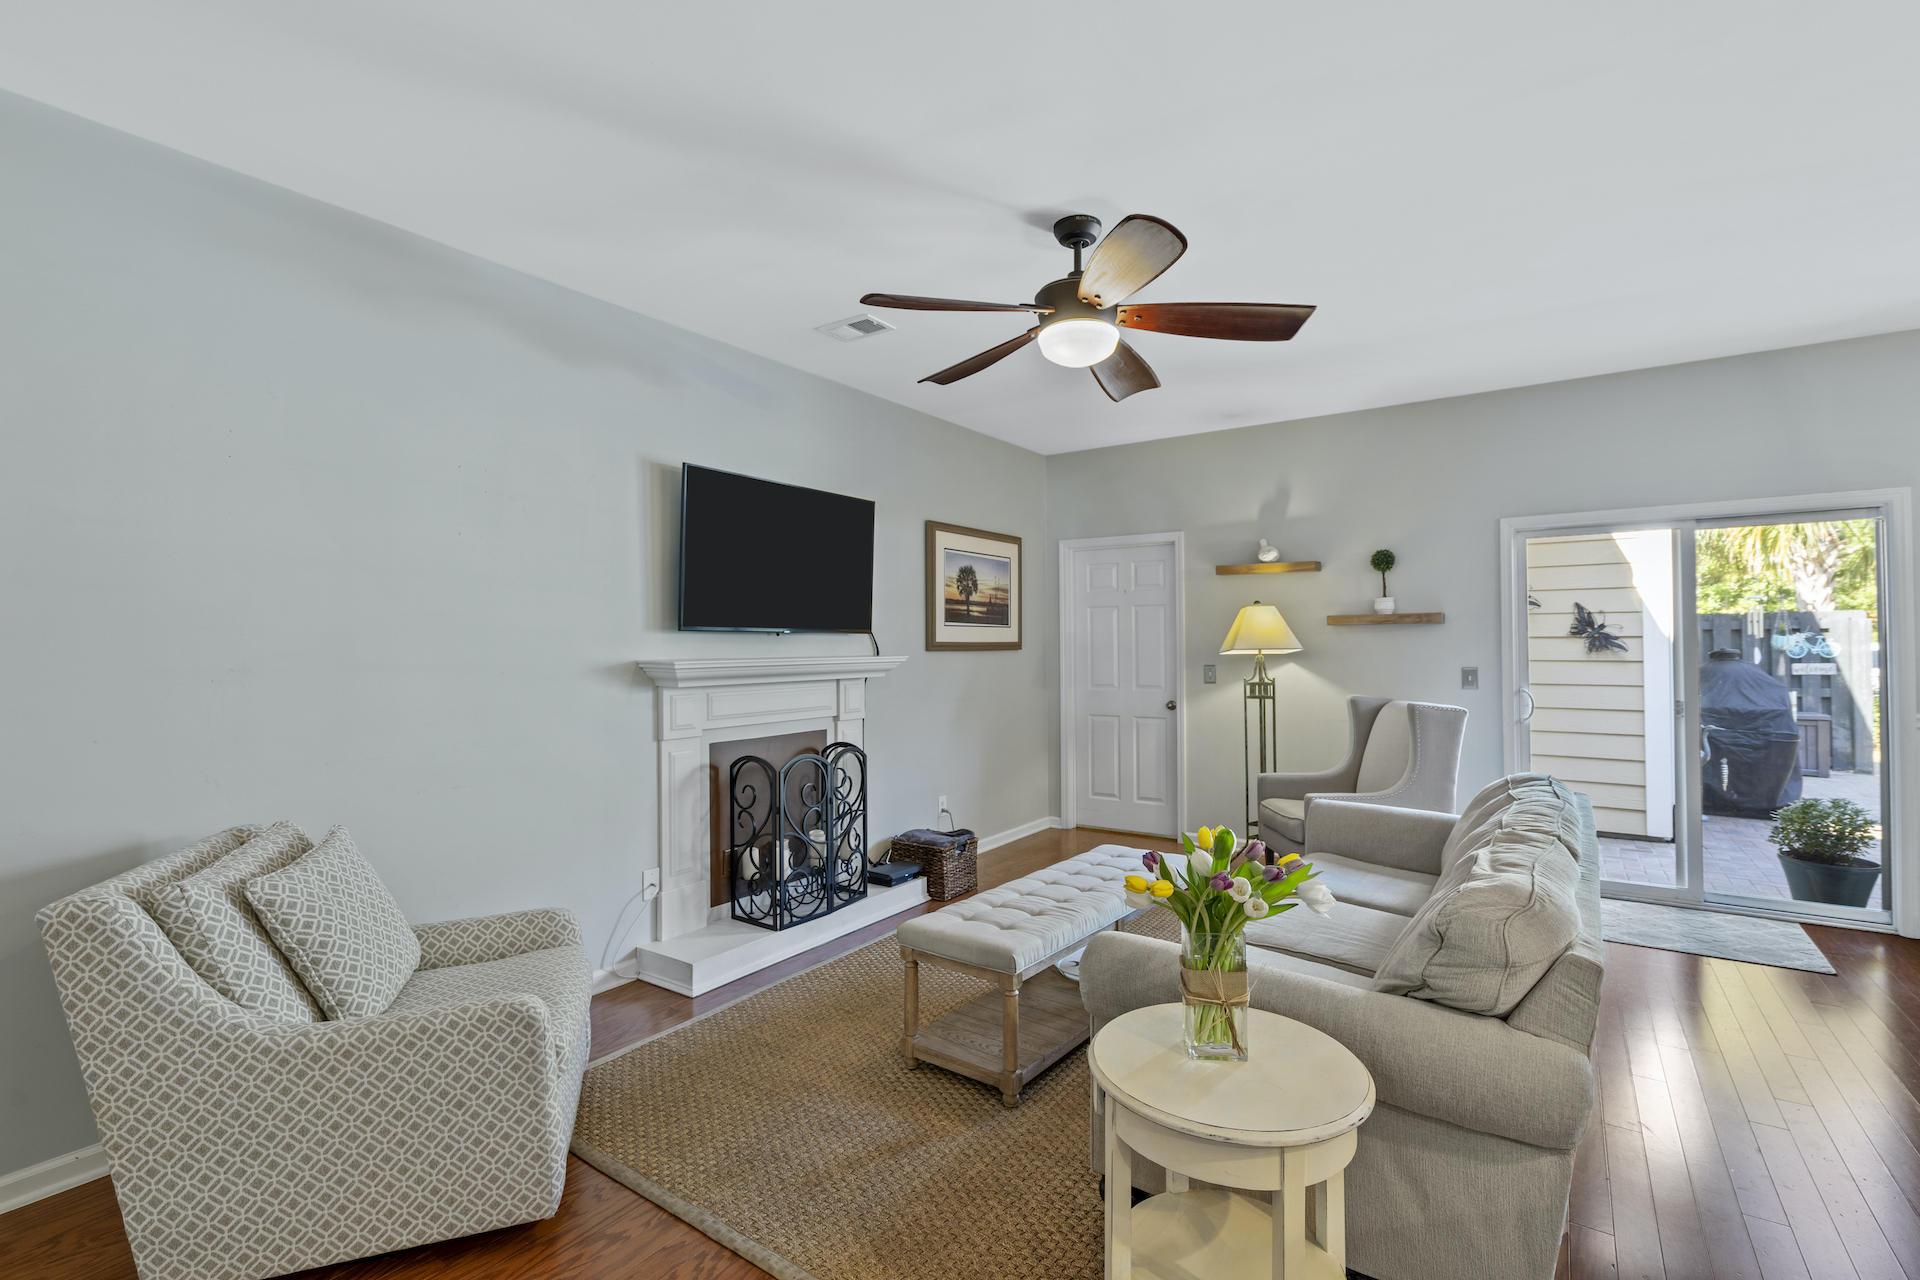 Park West Homes For Sale - 3061 Park West, Mount Pleasant, SC - 10